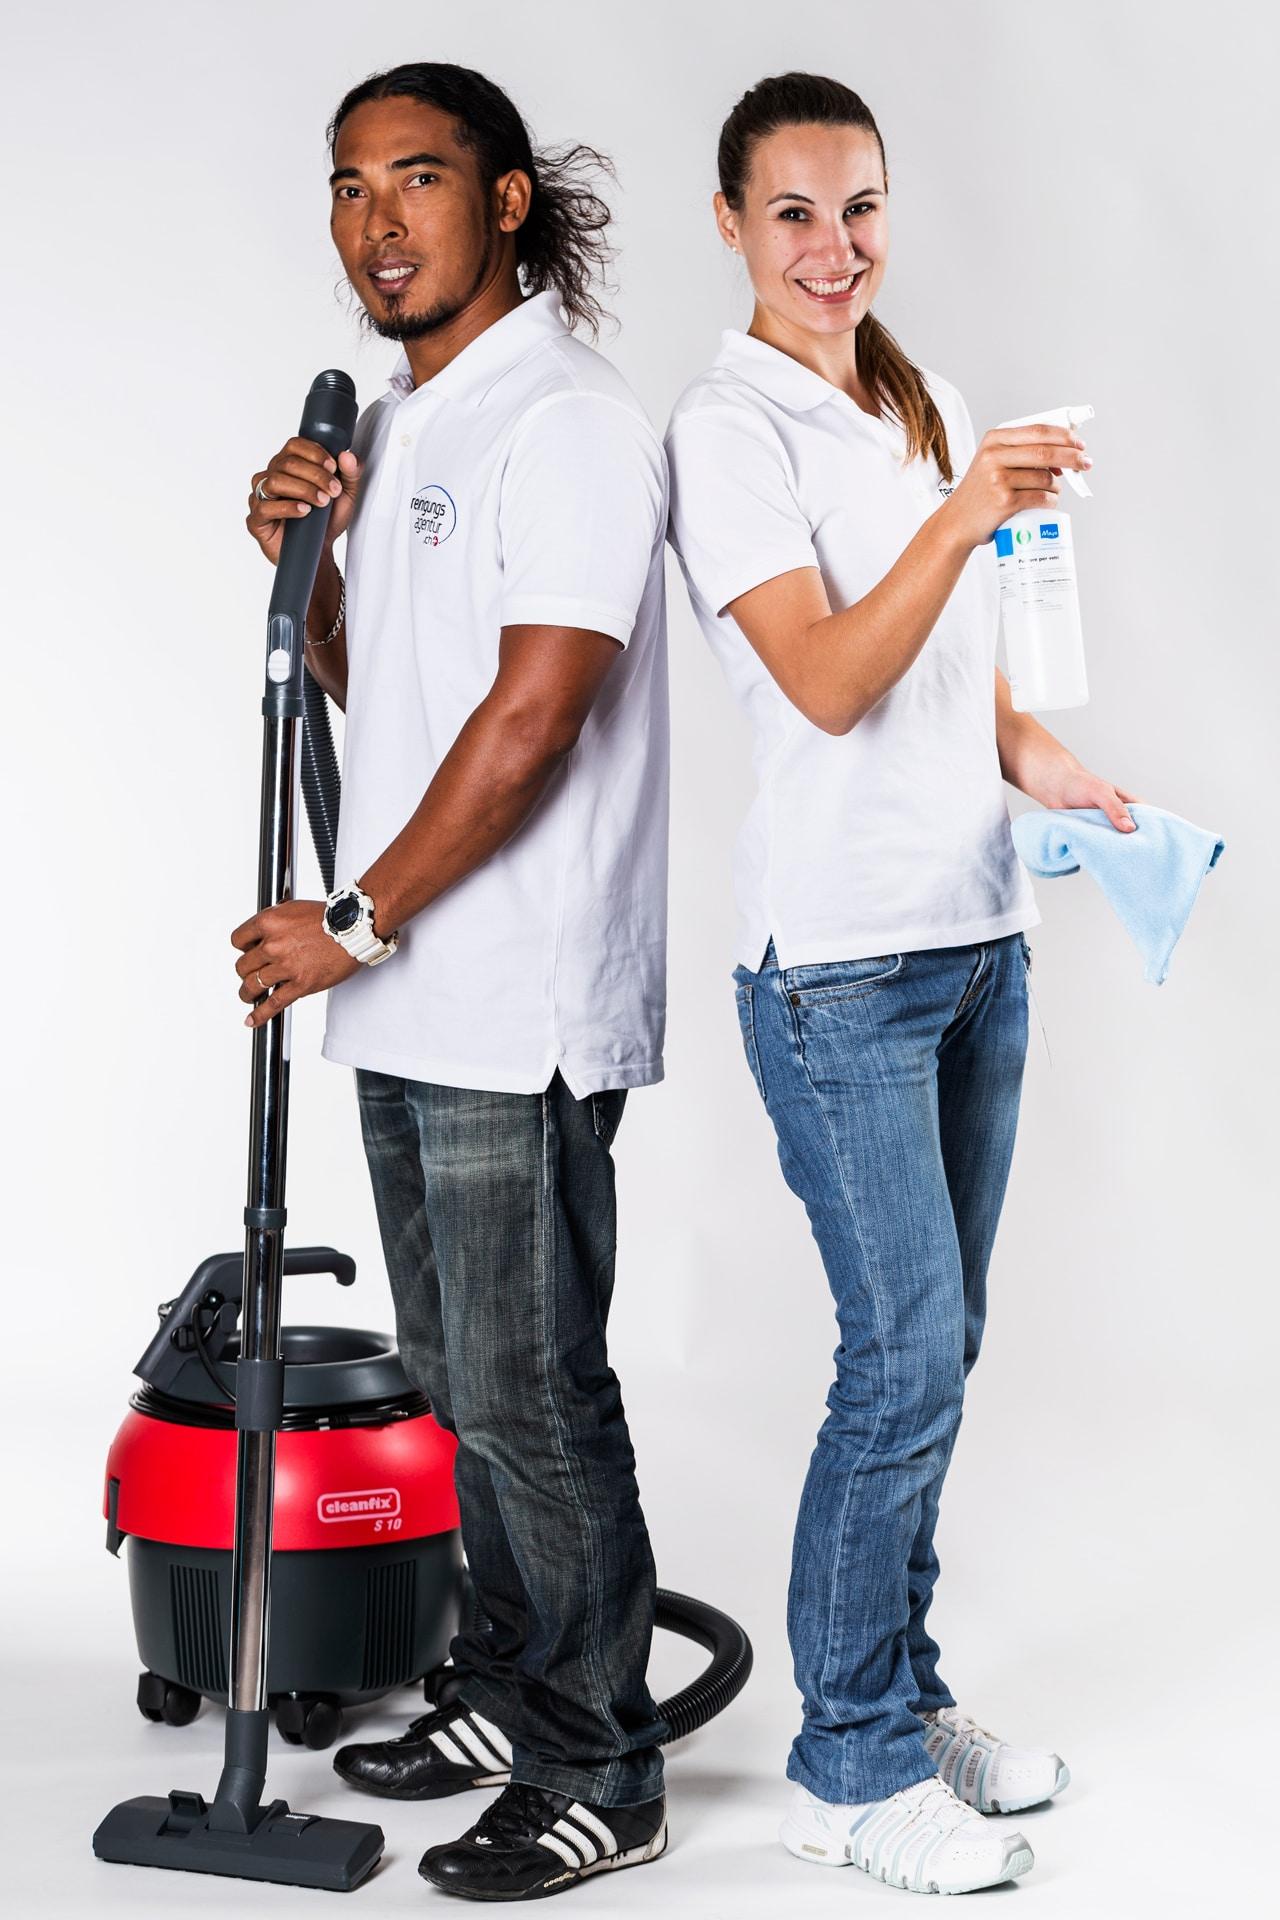 Reinigungsteam | Über uns | About us | Reinigungsunternehmen | Cleaning company